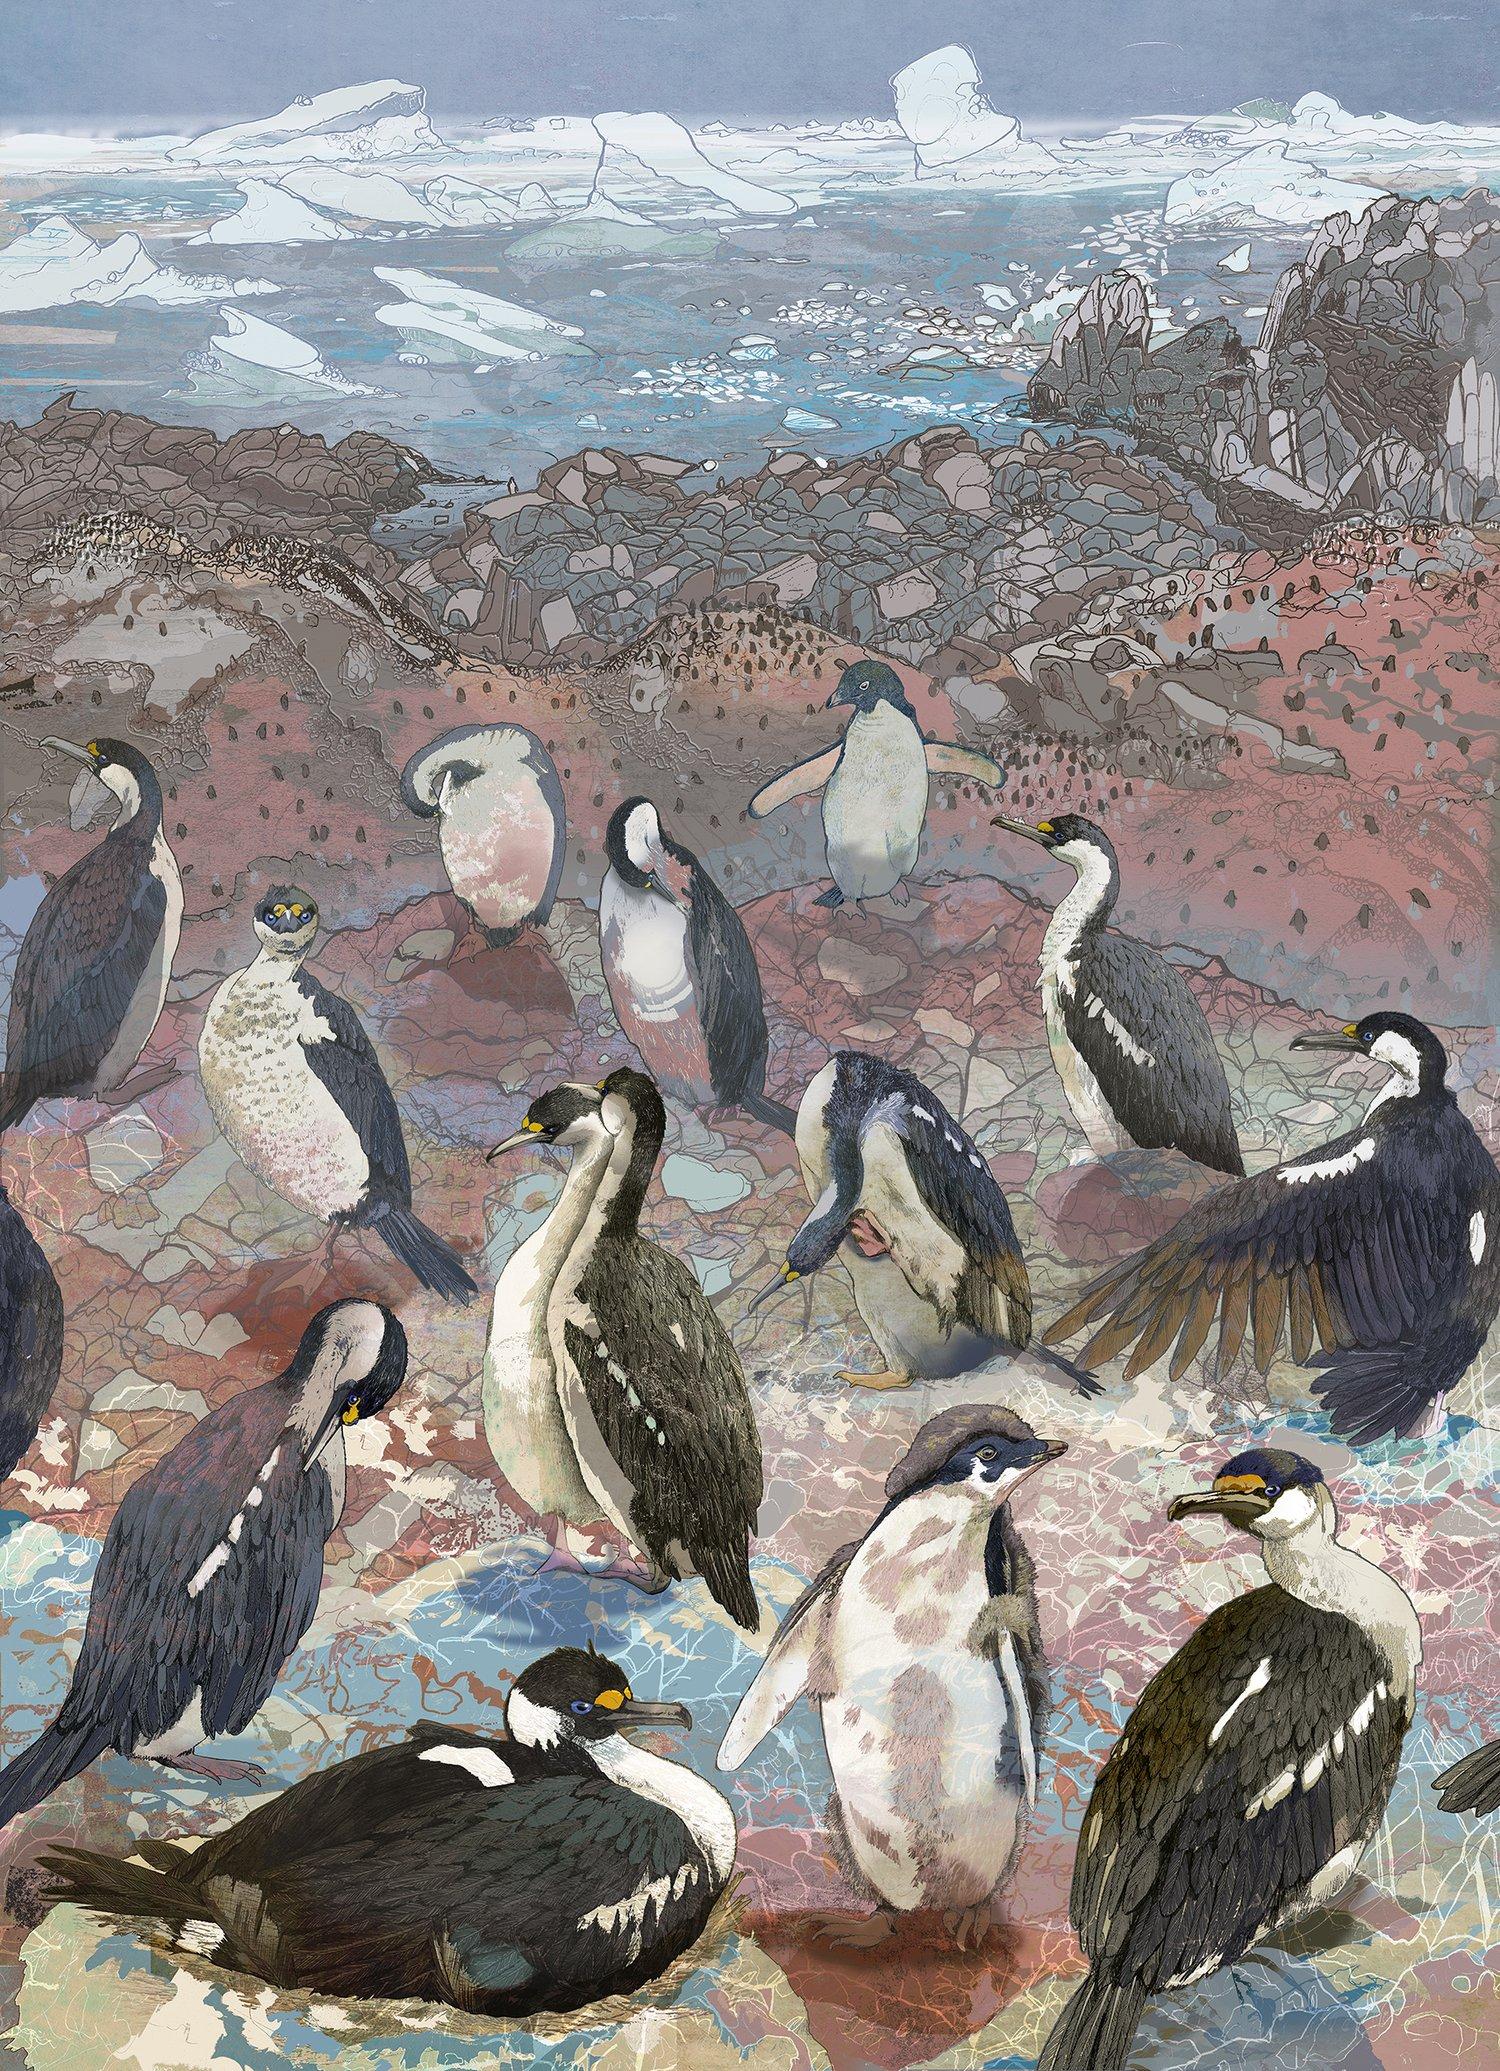 Image of Colony Life - Lagotellerie Island - Antarctica